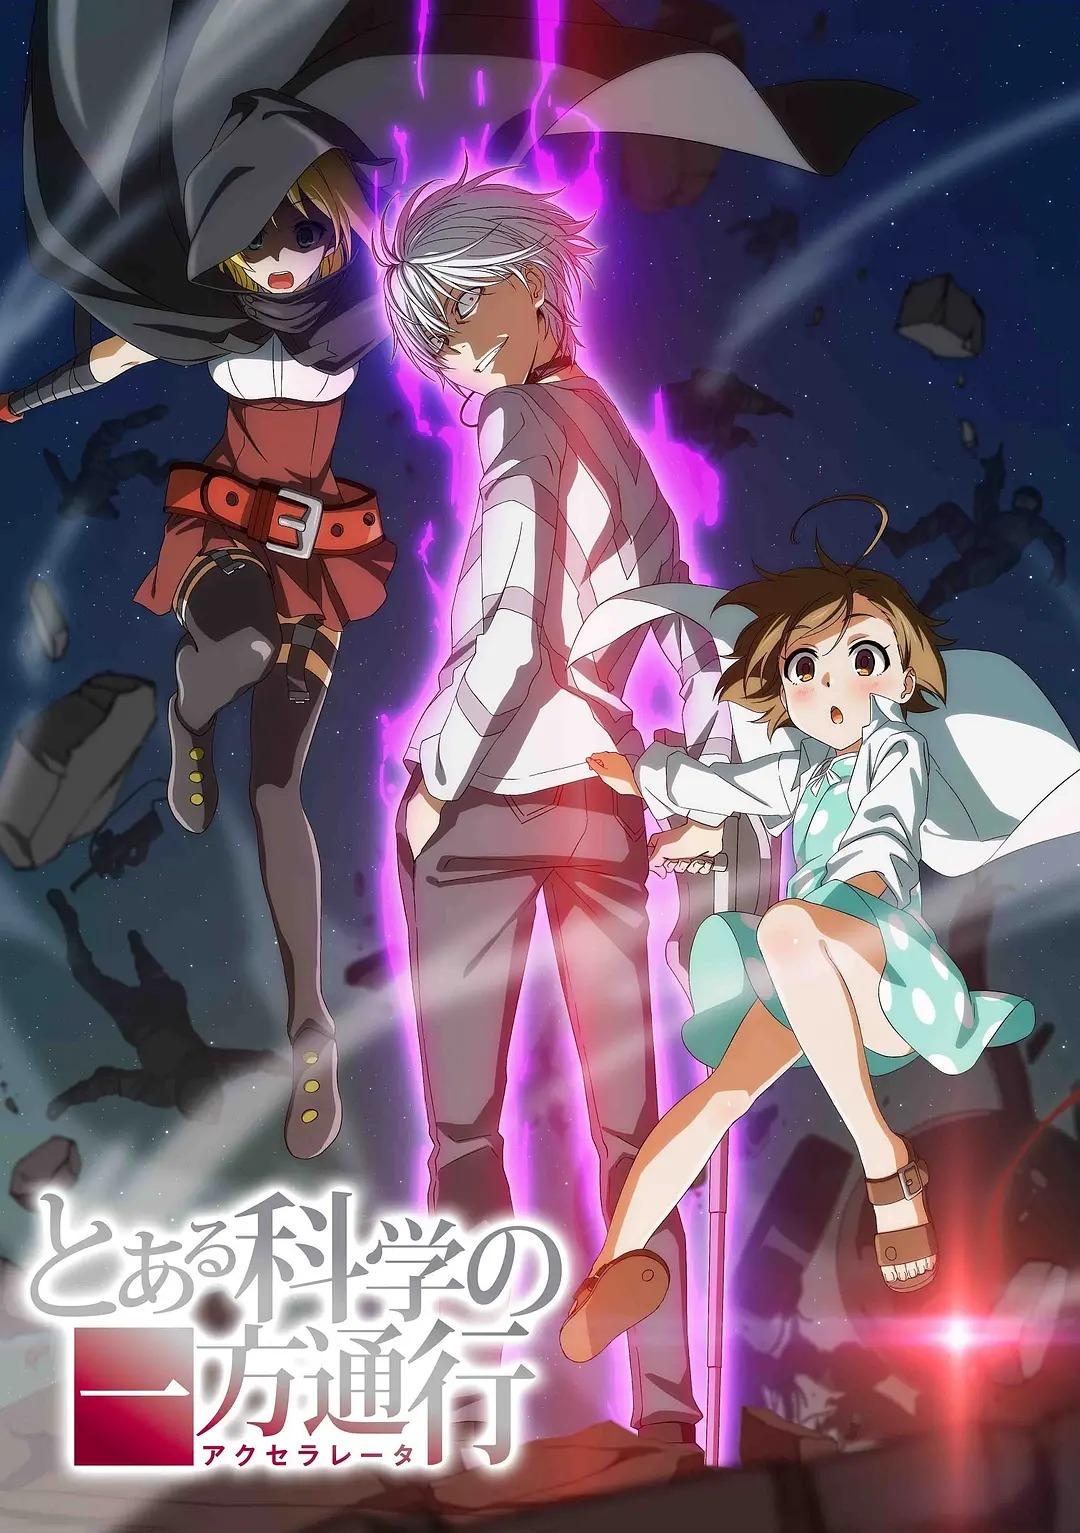 2019年日本剧情奇幻动漫《某科学的一方通行》全12集高清日语中字迅雷下载